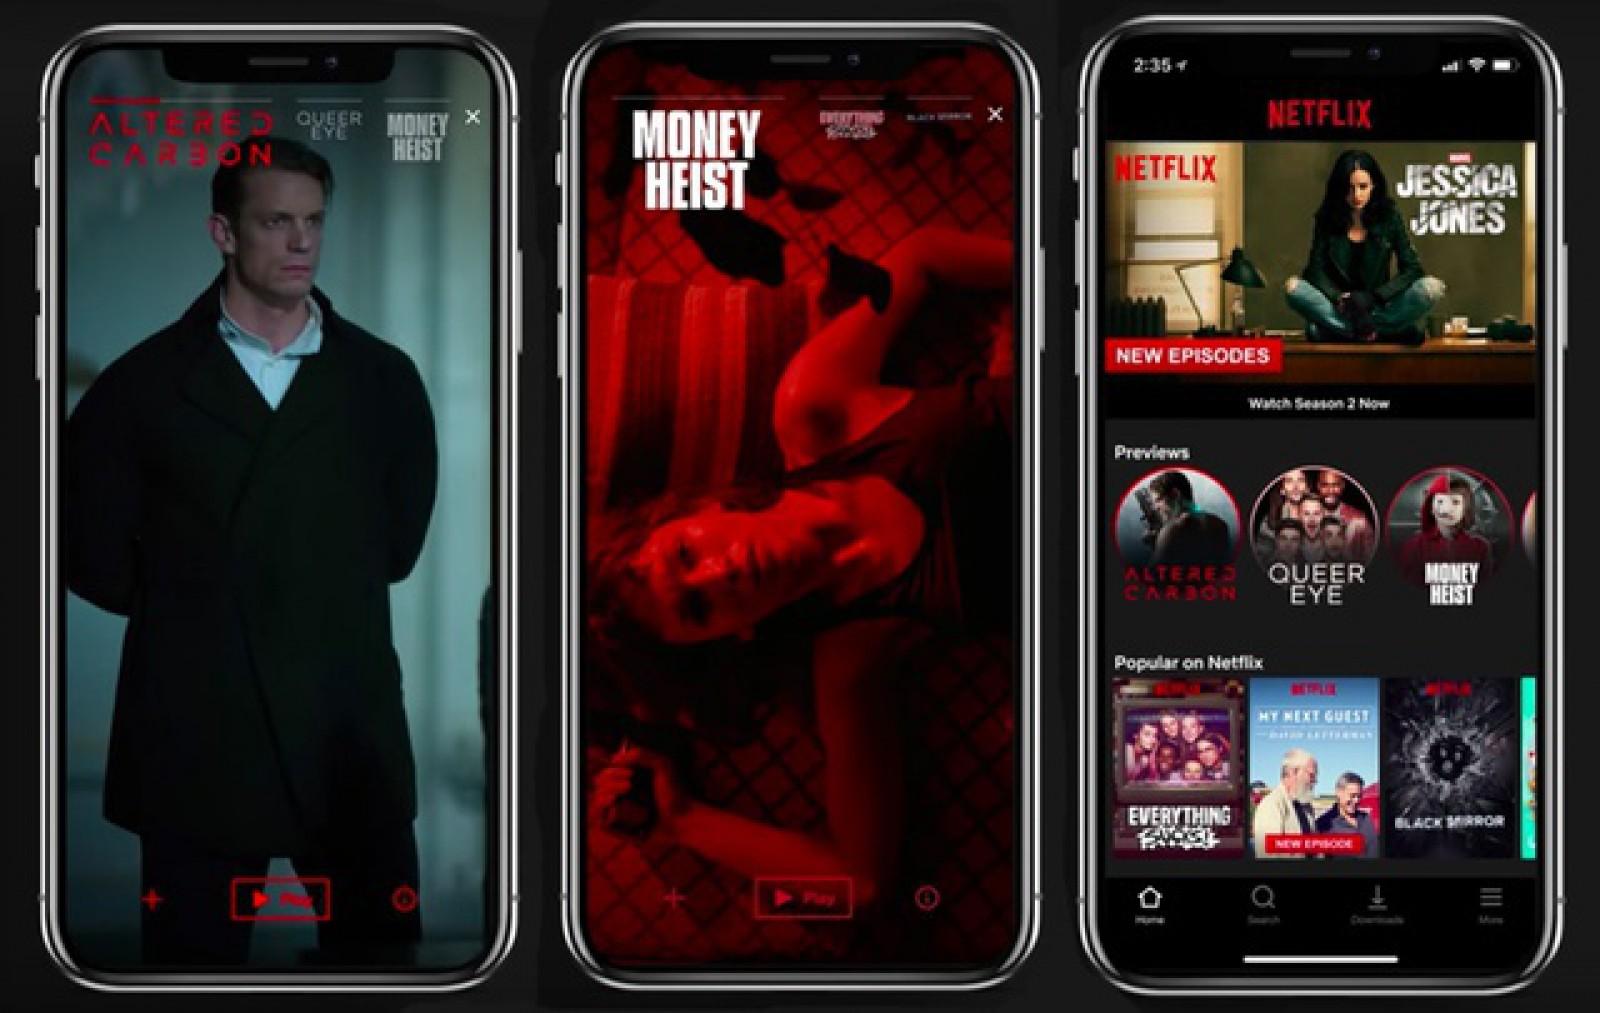 """(video) Netflix integrează conceptul de """"Stories"""" în aplicaţia de mobil pentru afişarea de trailere"""